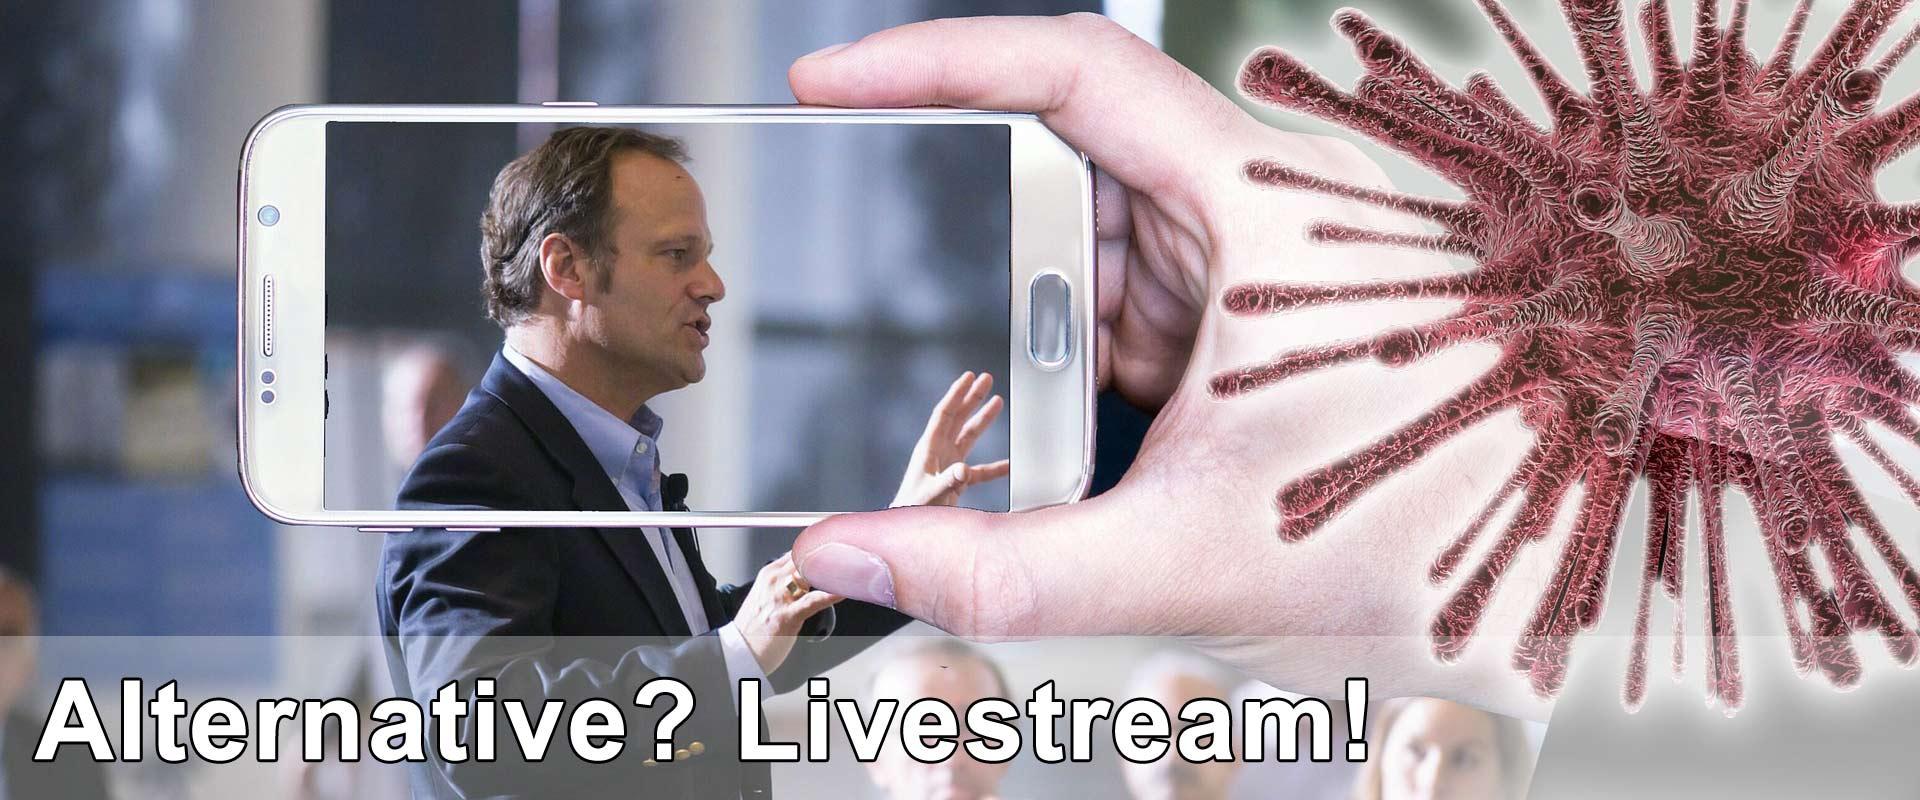 Wir bieten Ihnen Livestreaming an. Aktuell könnte das relevant sein als Ersatz für nicht stattfindende Veranstaltungen.